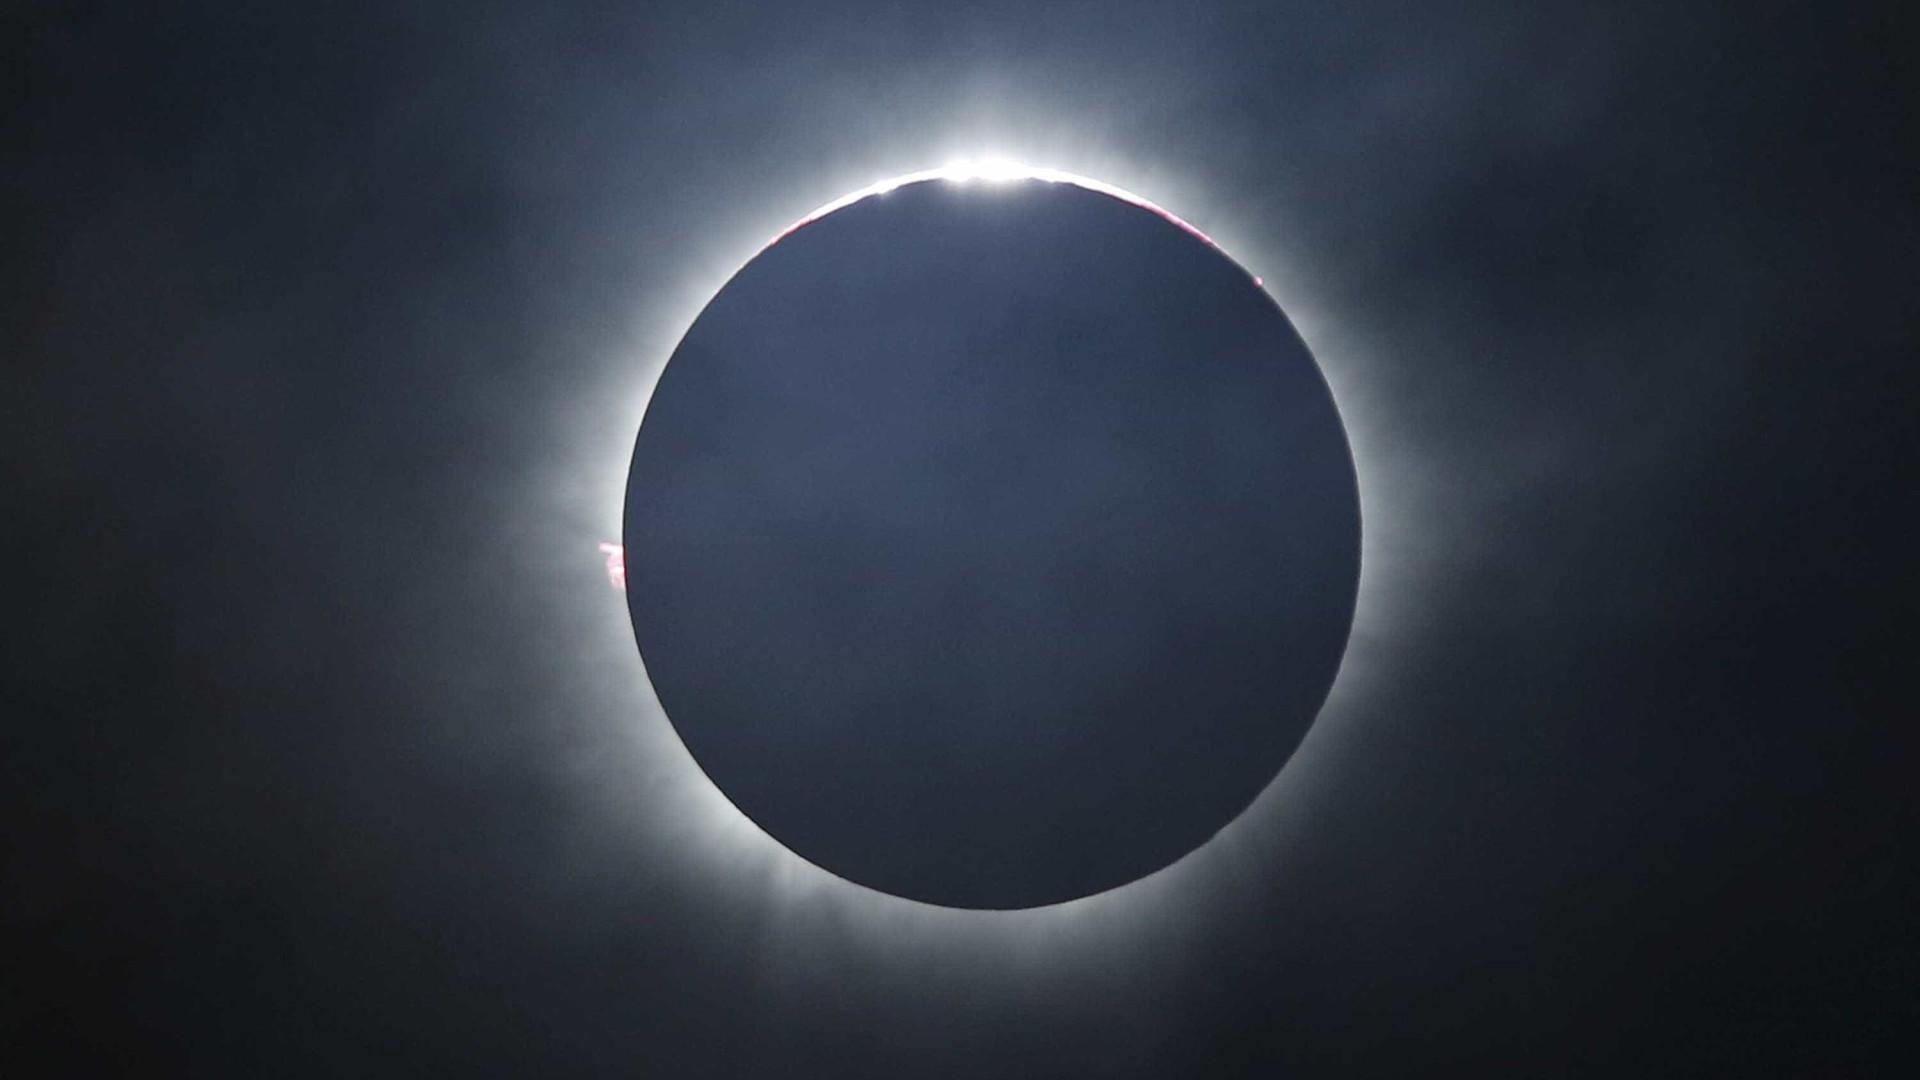 Dezembro terá conjunção de gigantes, eclipse solar e chuva de meteoros